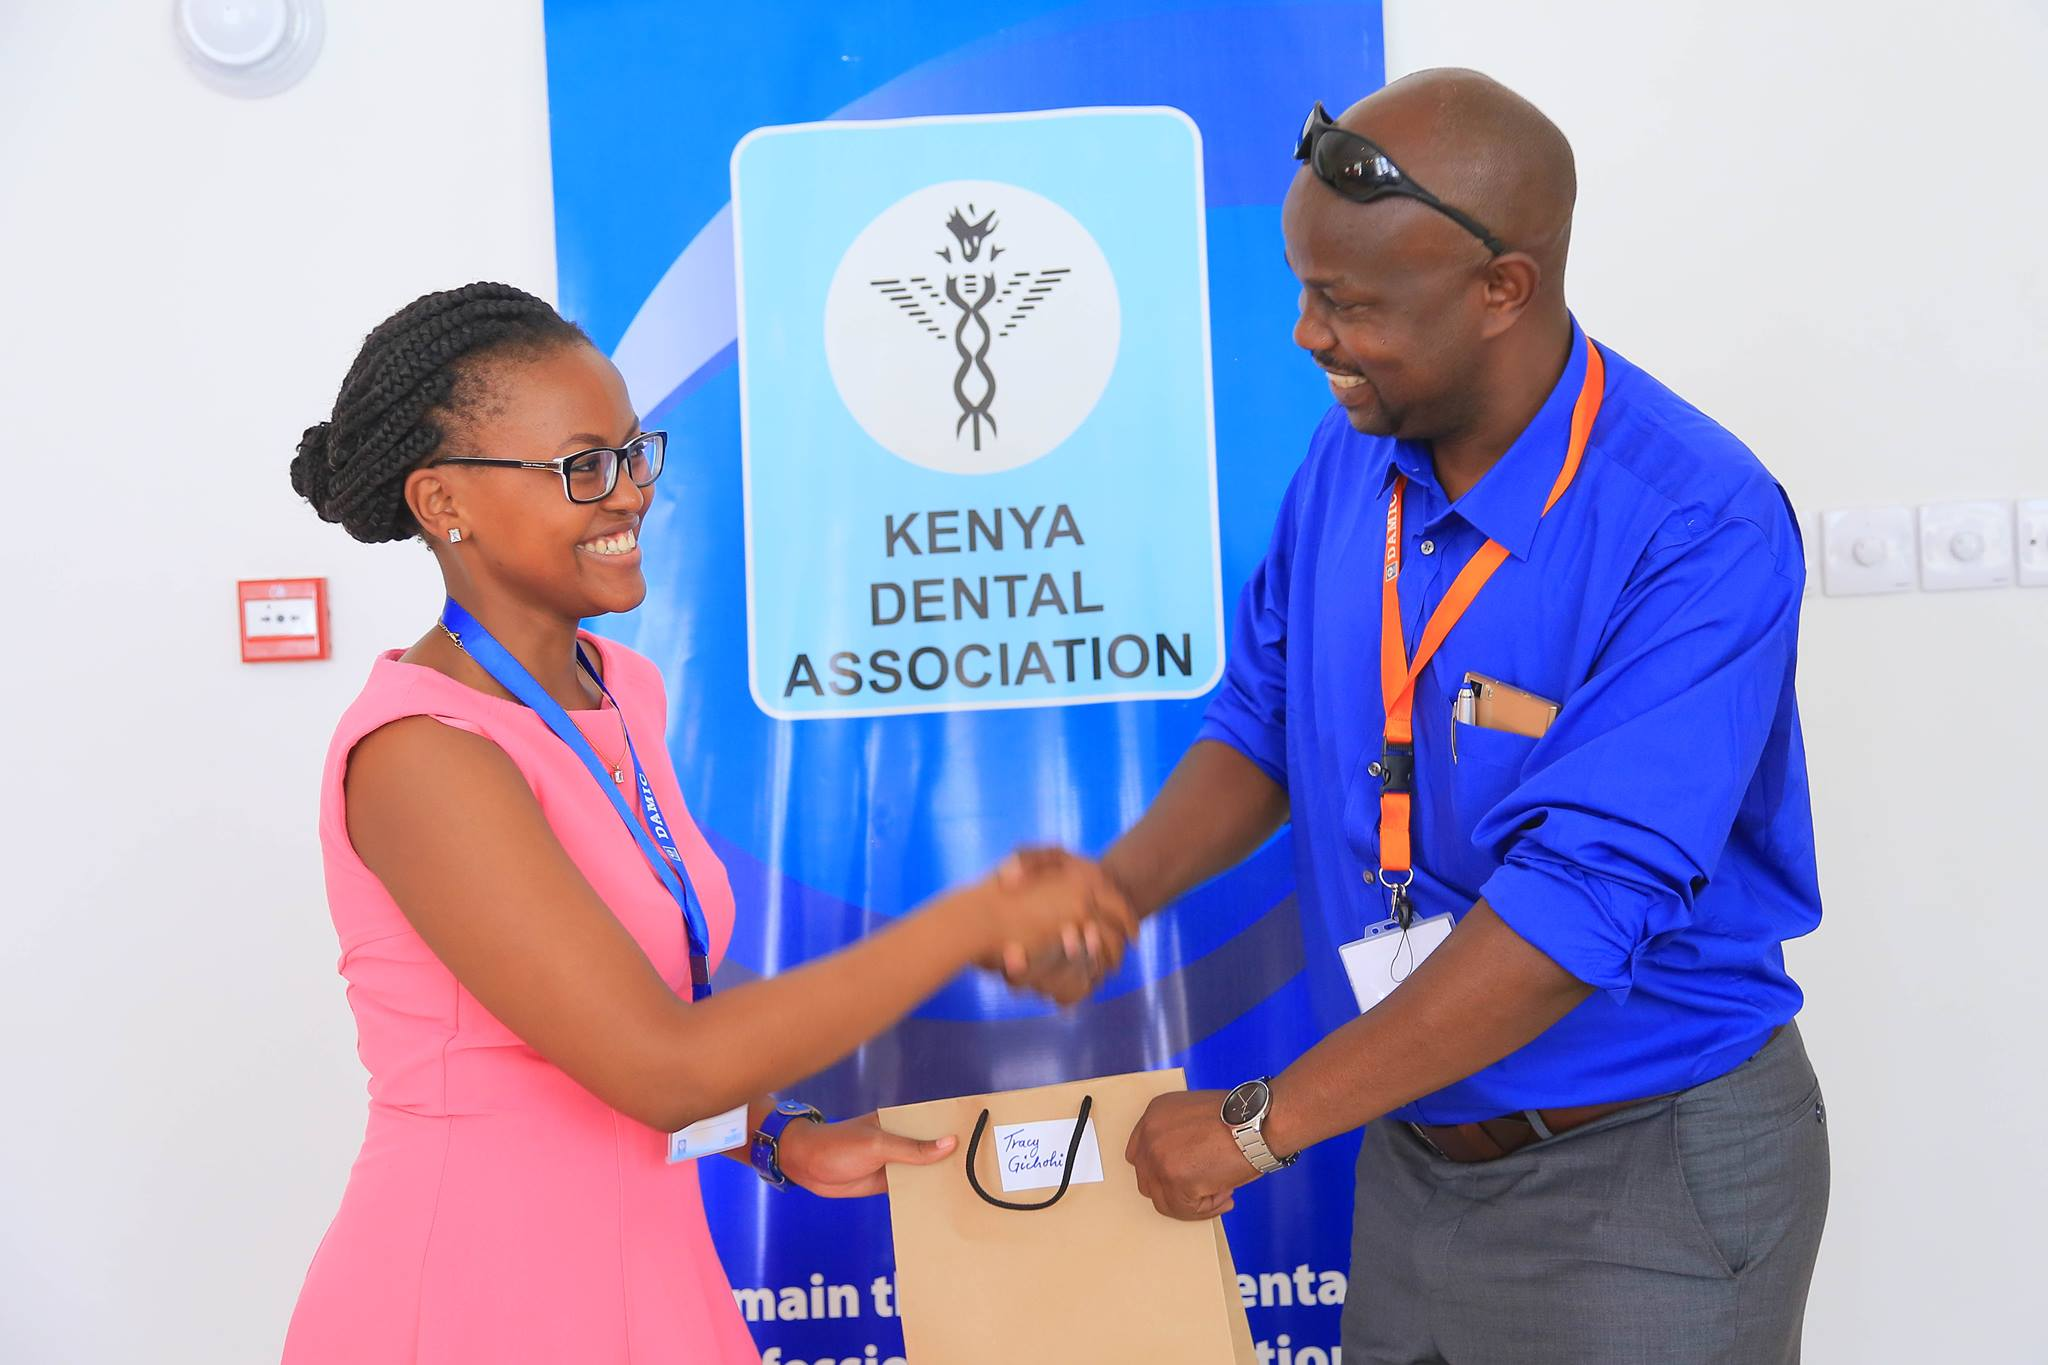 Kenya dental association kbfus for 10 rockefeller plaza 4th floor new york ny 10020